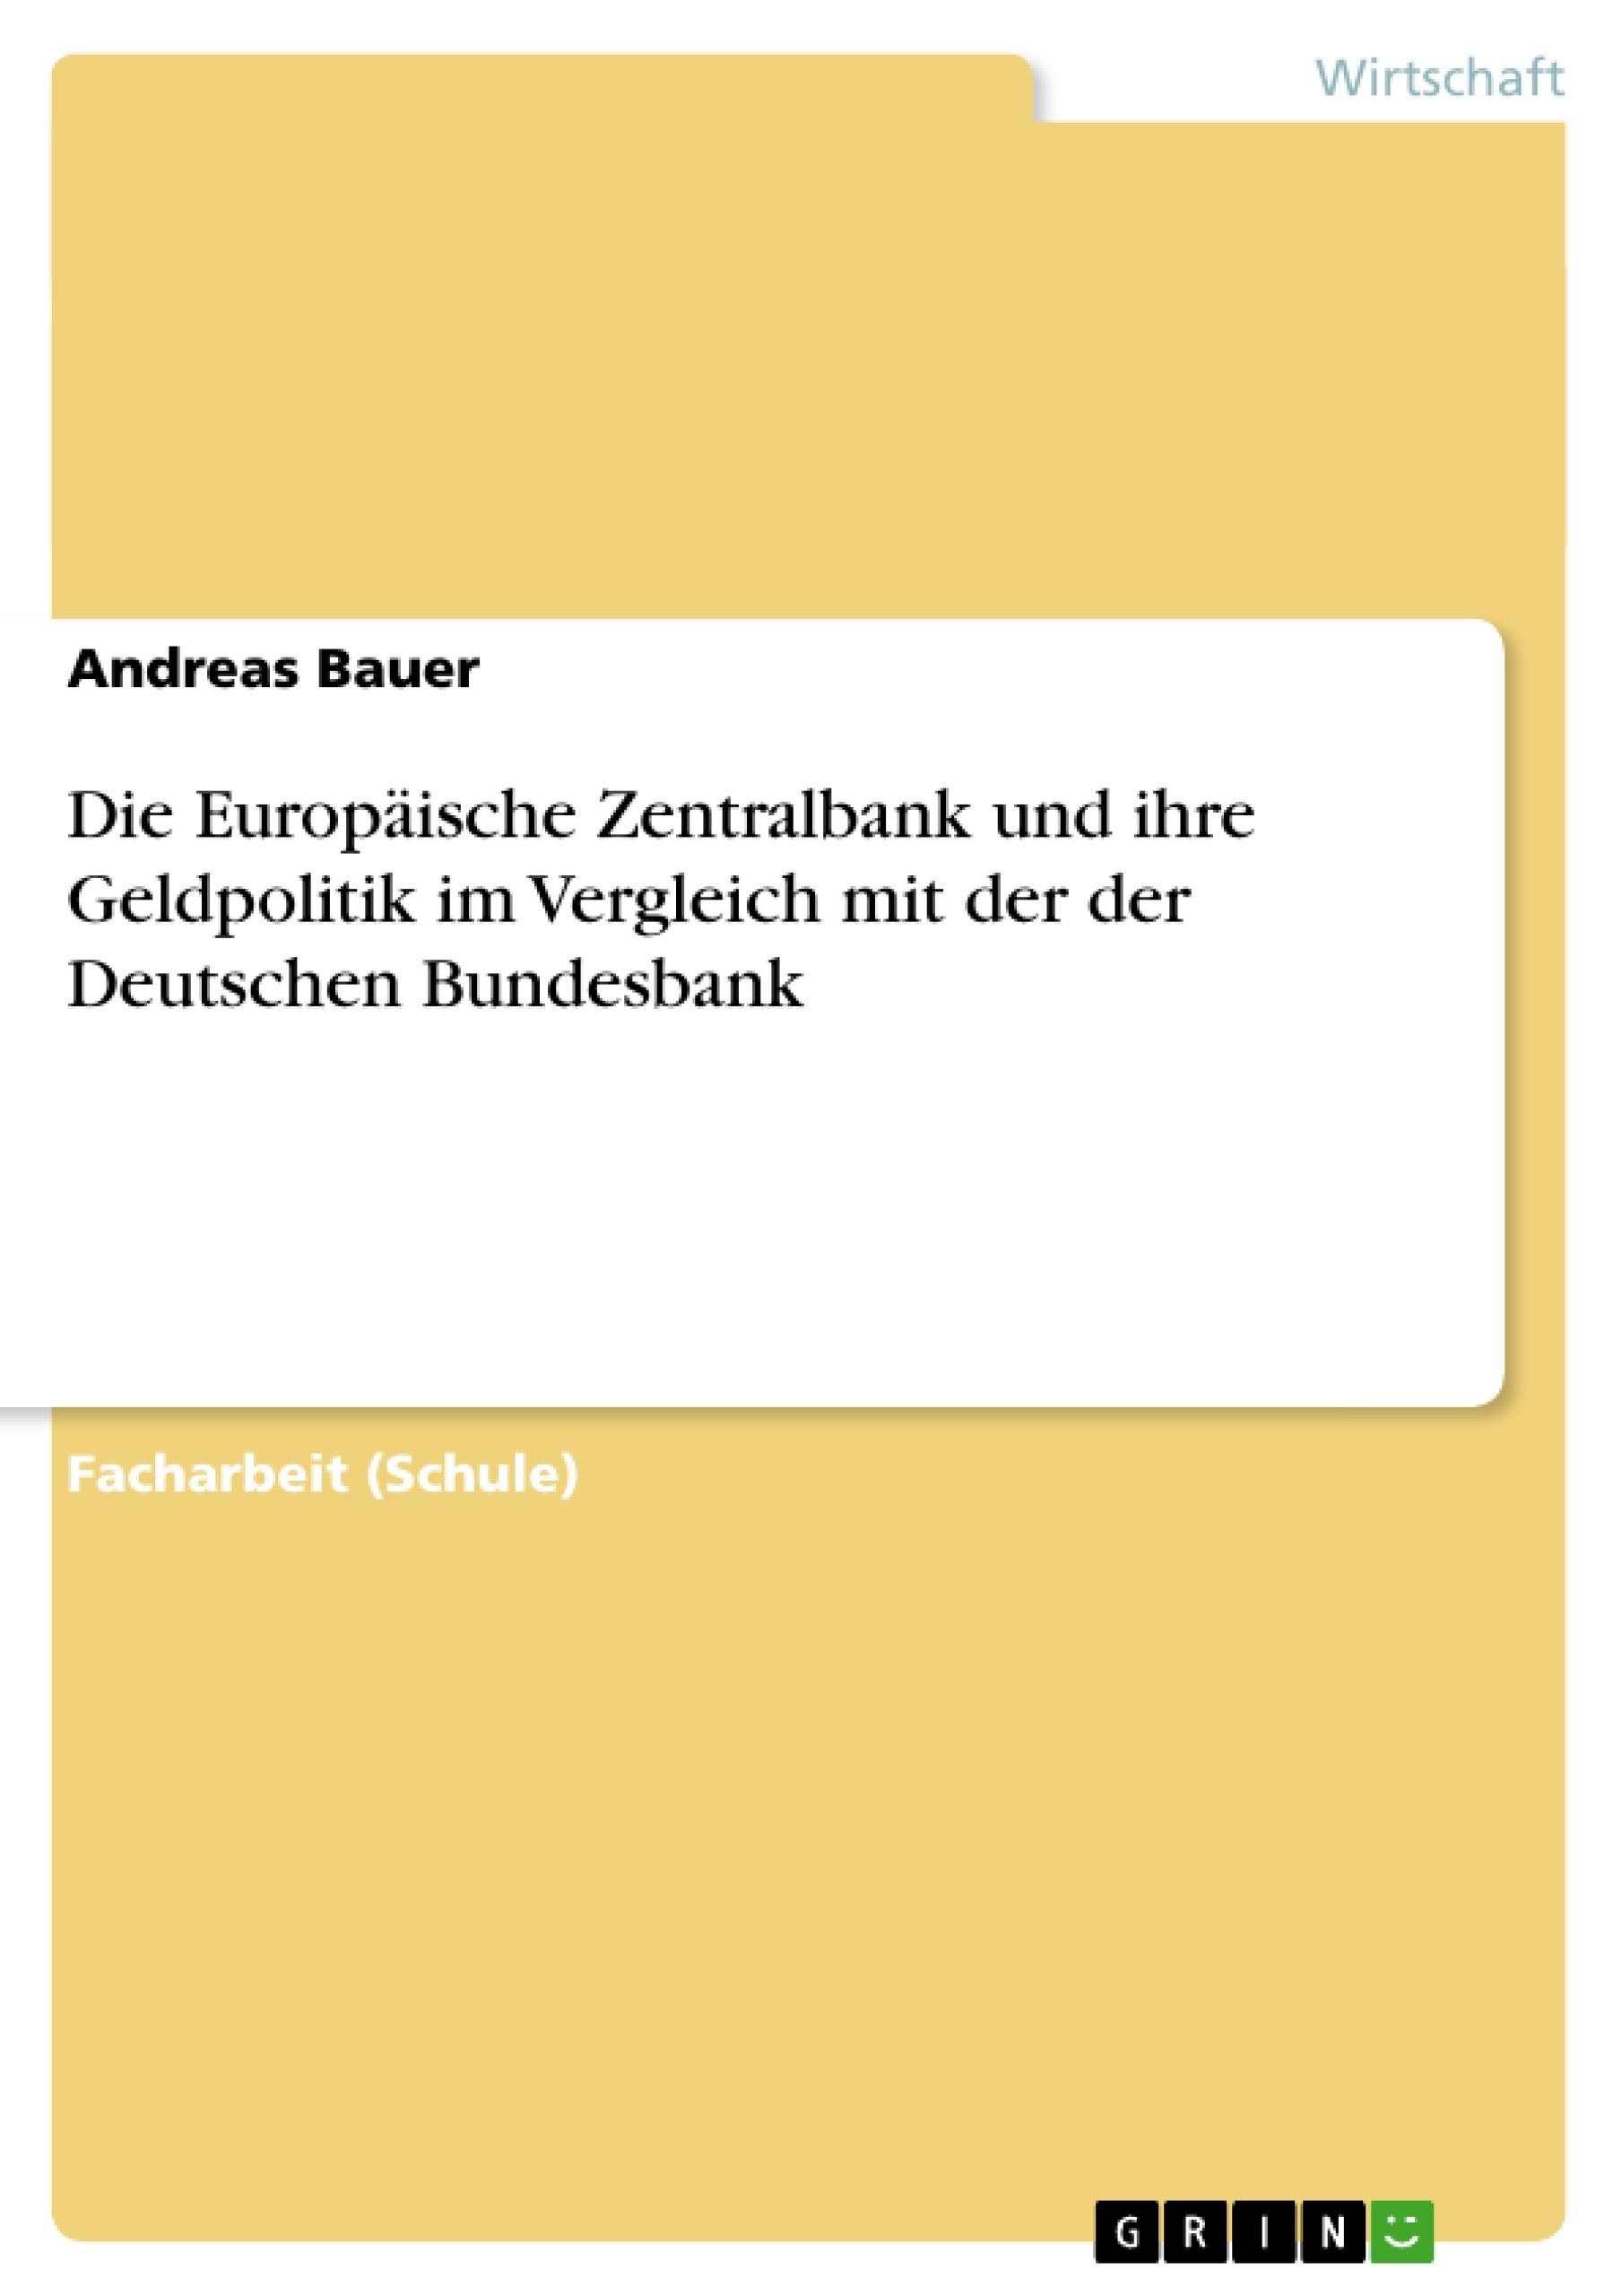 Titel: Die Europäische Zentralbank und ihre Geldpolitik im Vergleich mit der der Deutschen Bundesbank